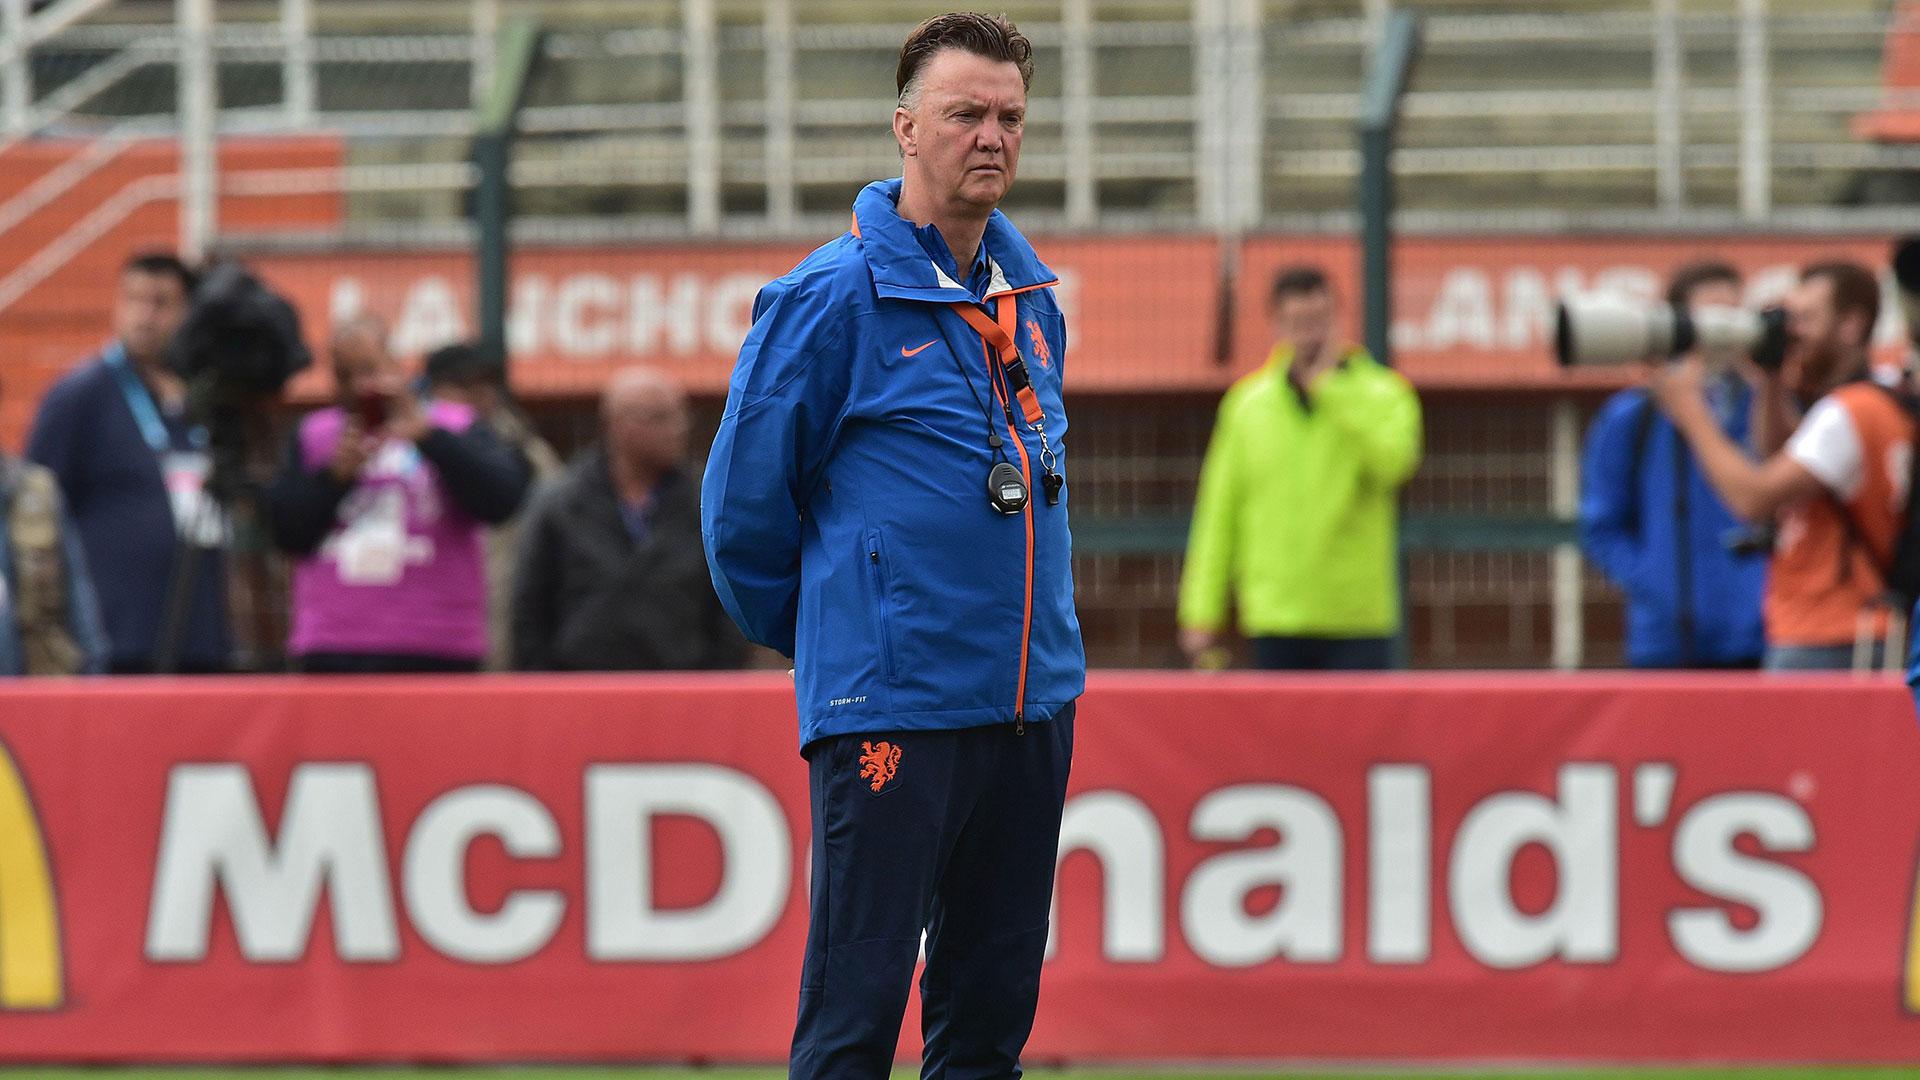 En el Mundial 2014 logró el tercer puesto con la selección holandesa (Foto: NA)